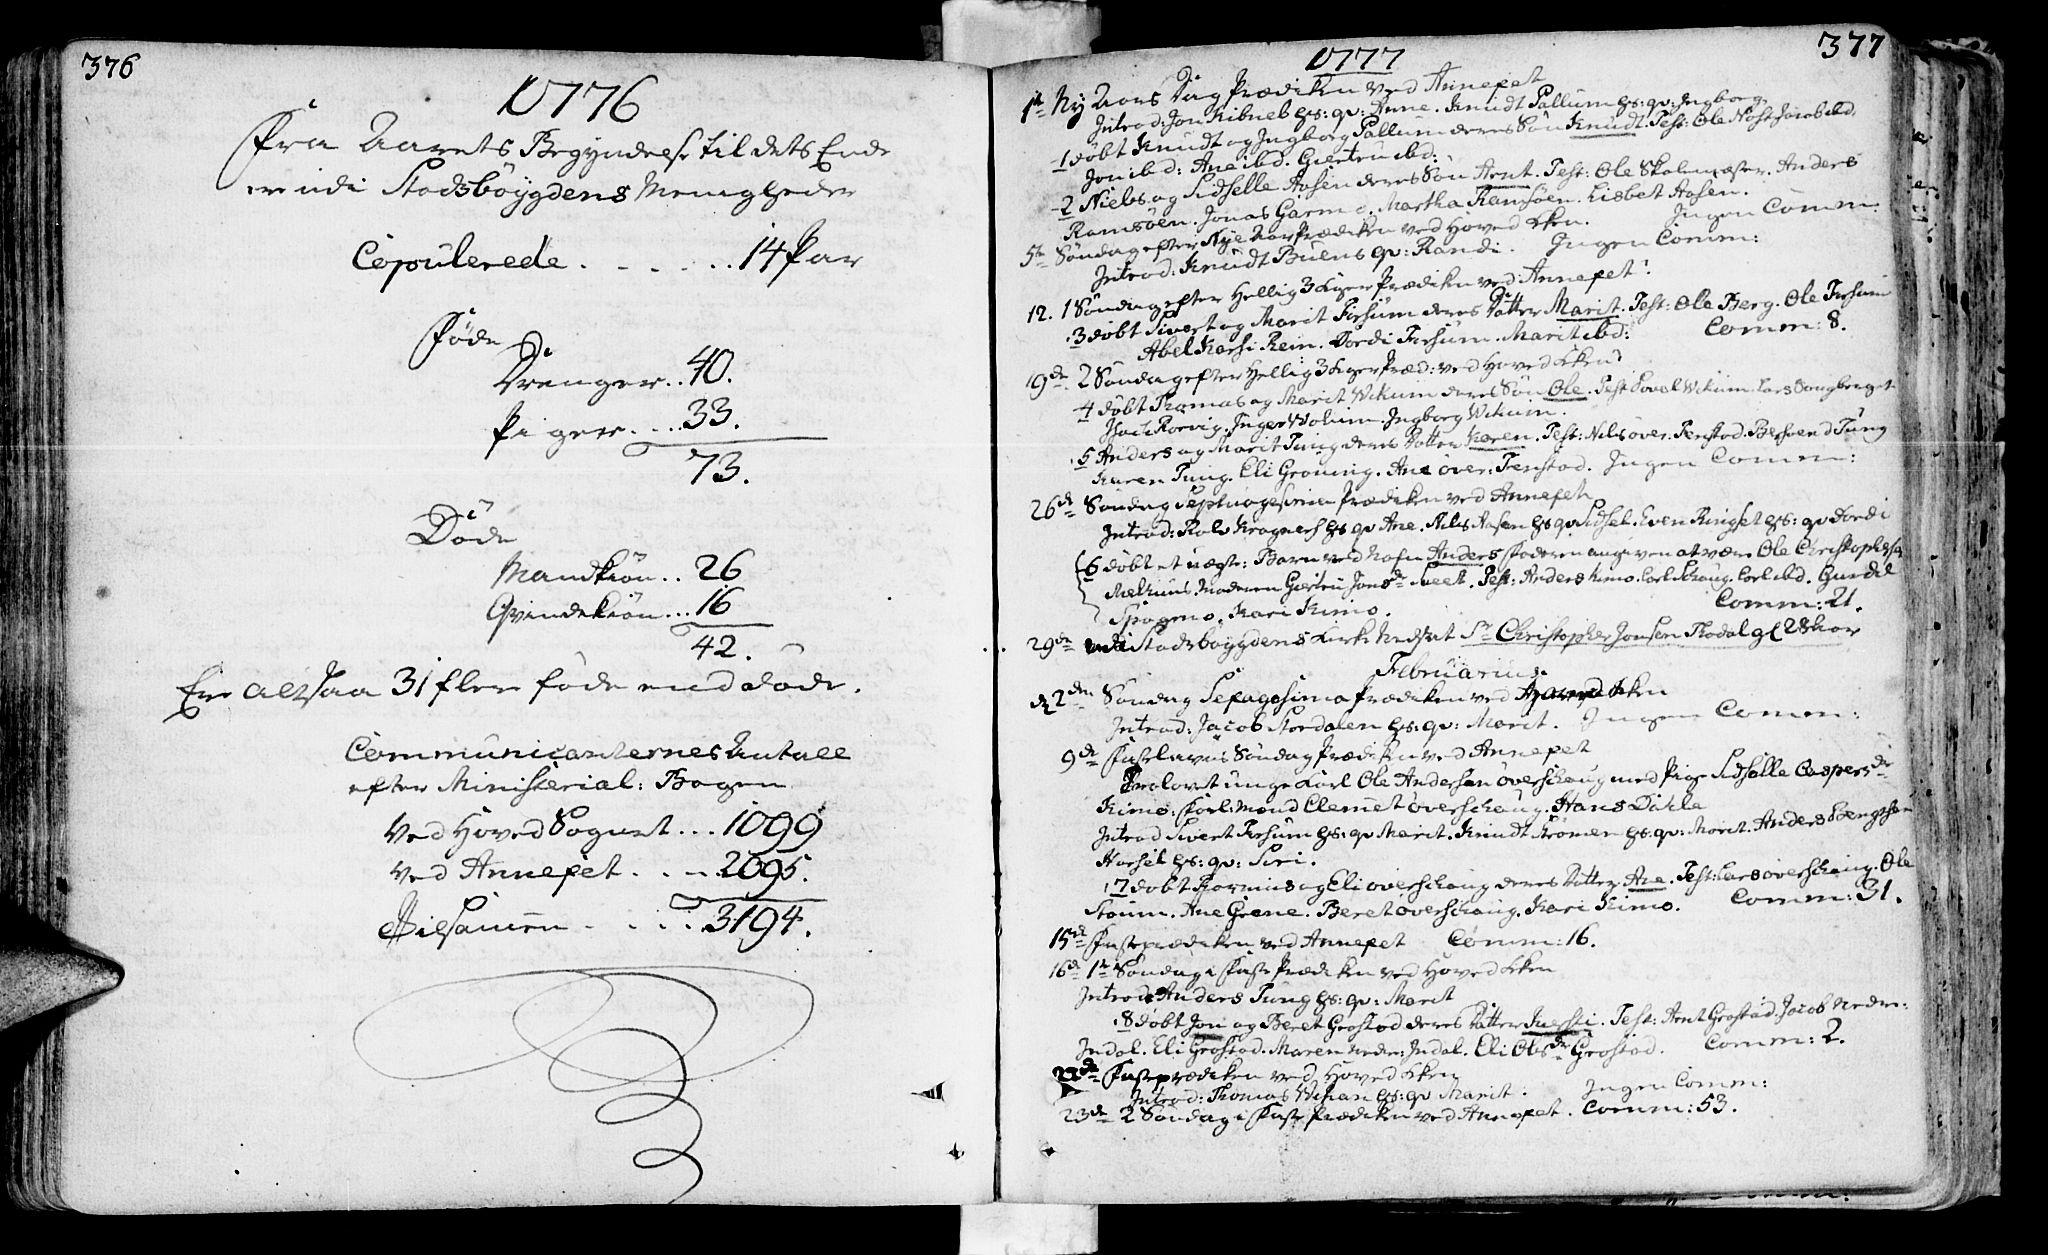 SAT, Ministerialprotokoller, klokkerbøker og fødselsregistre - Sør-Trøndelag, 646/L0605: Ministerialbok nr. 646A03, 1751-1790, s. 376-377